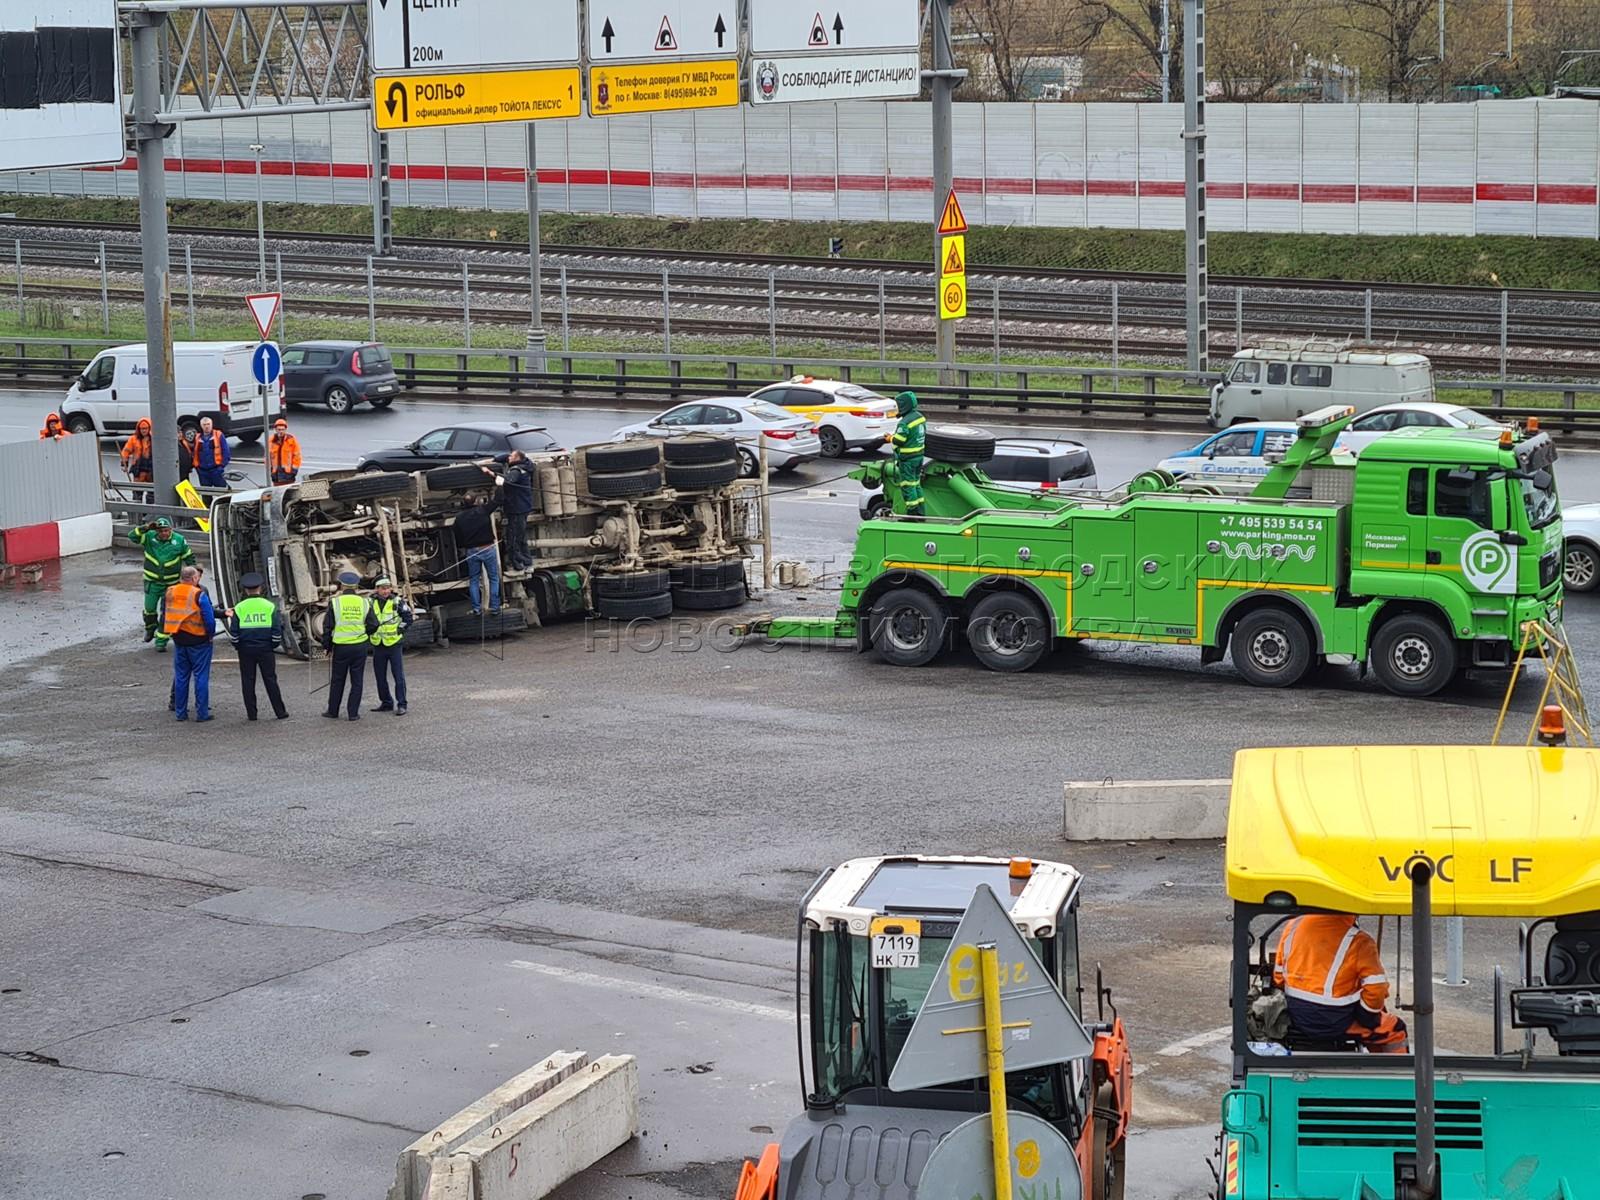 На Третьем транспортном кольце (ТТК) в районе съезда с Волгоградского проспекта произошла авария с участием бетономешалки.